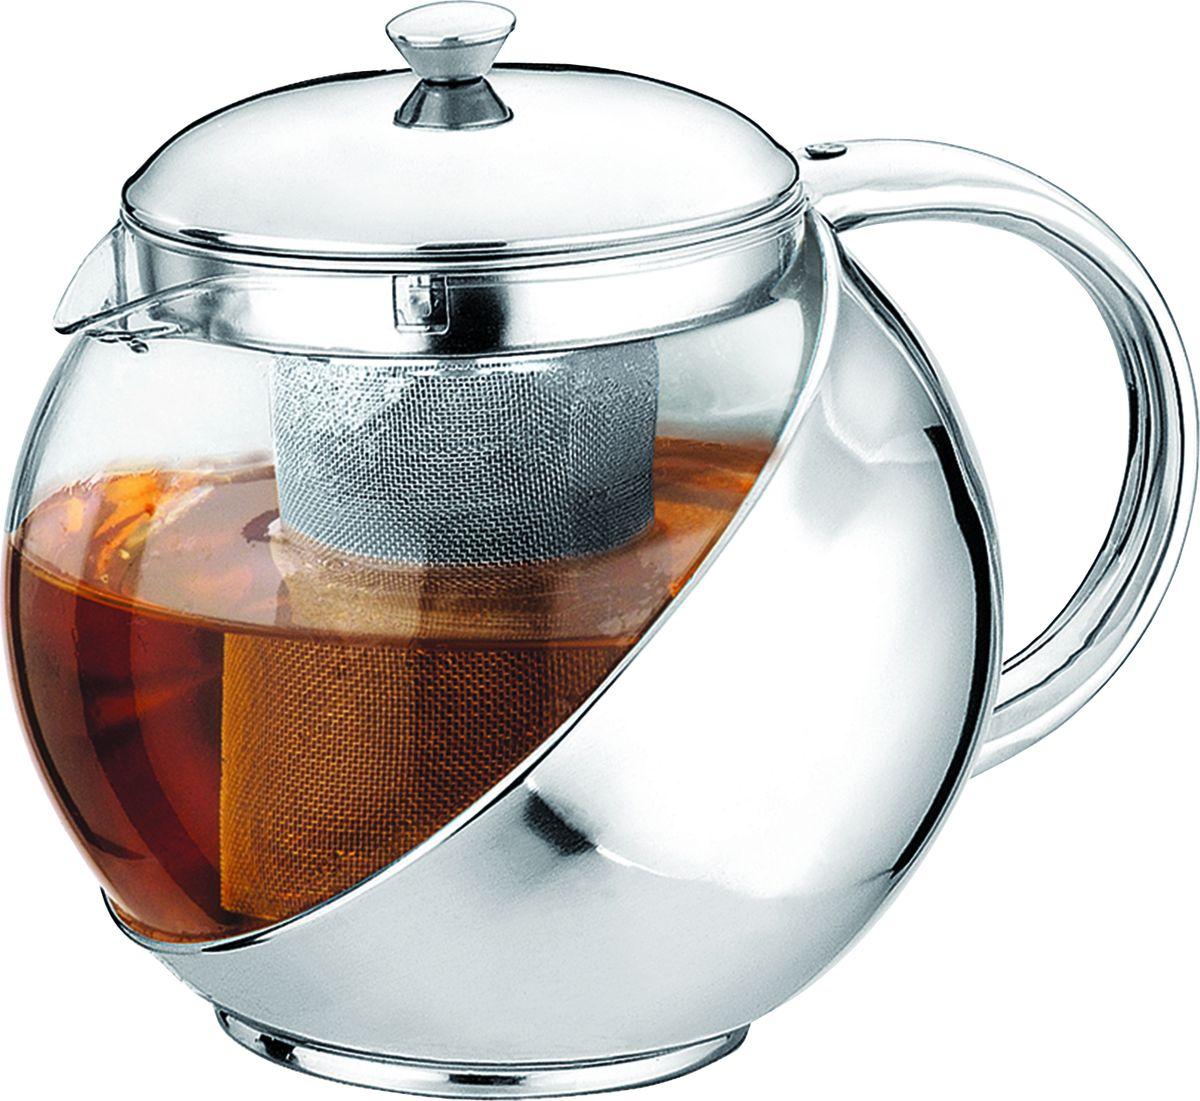 Чайник заварочный Irit, цвет: серебристый, 0,9 лBK-7635Чайник заварочный 0.9 л. Чайник изготовлен из жаропрочного стекла. Фильтр из высококачественной нержавеющей стали. Оправа из стали защищает колбу от ударов и повреждений.